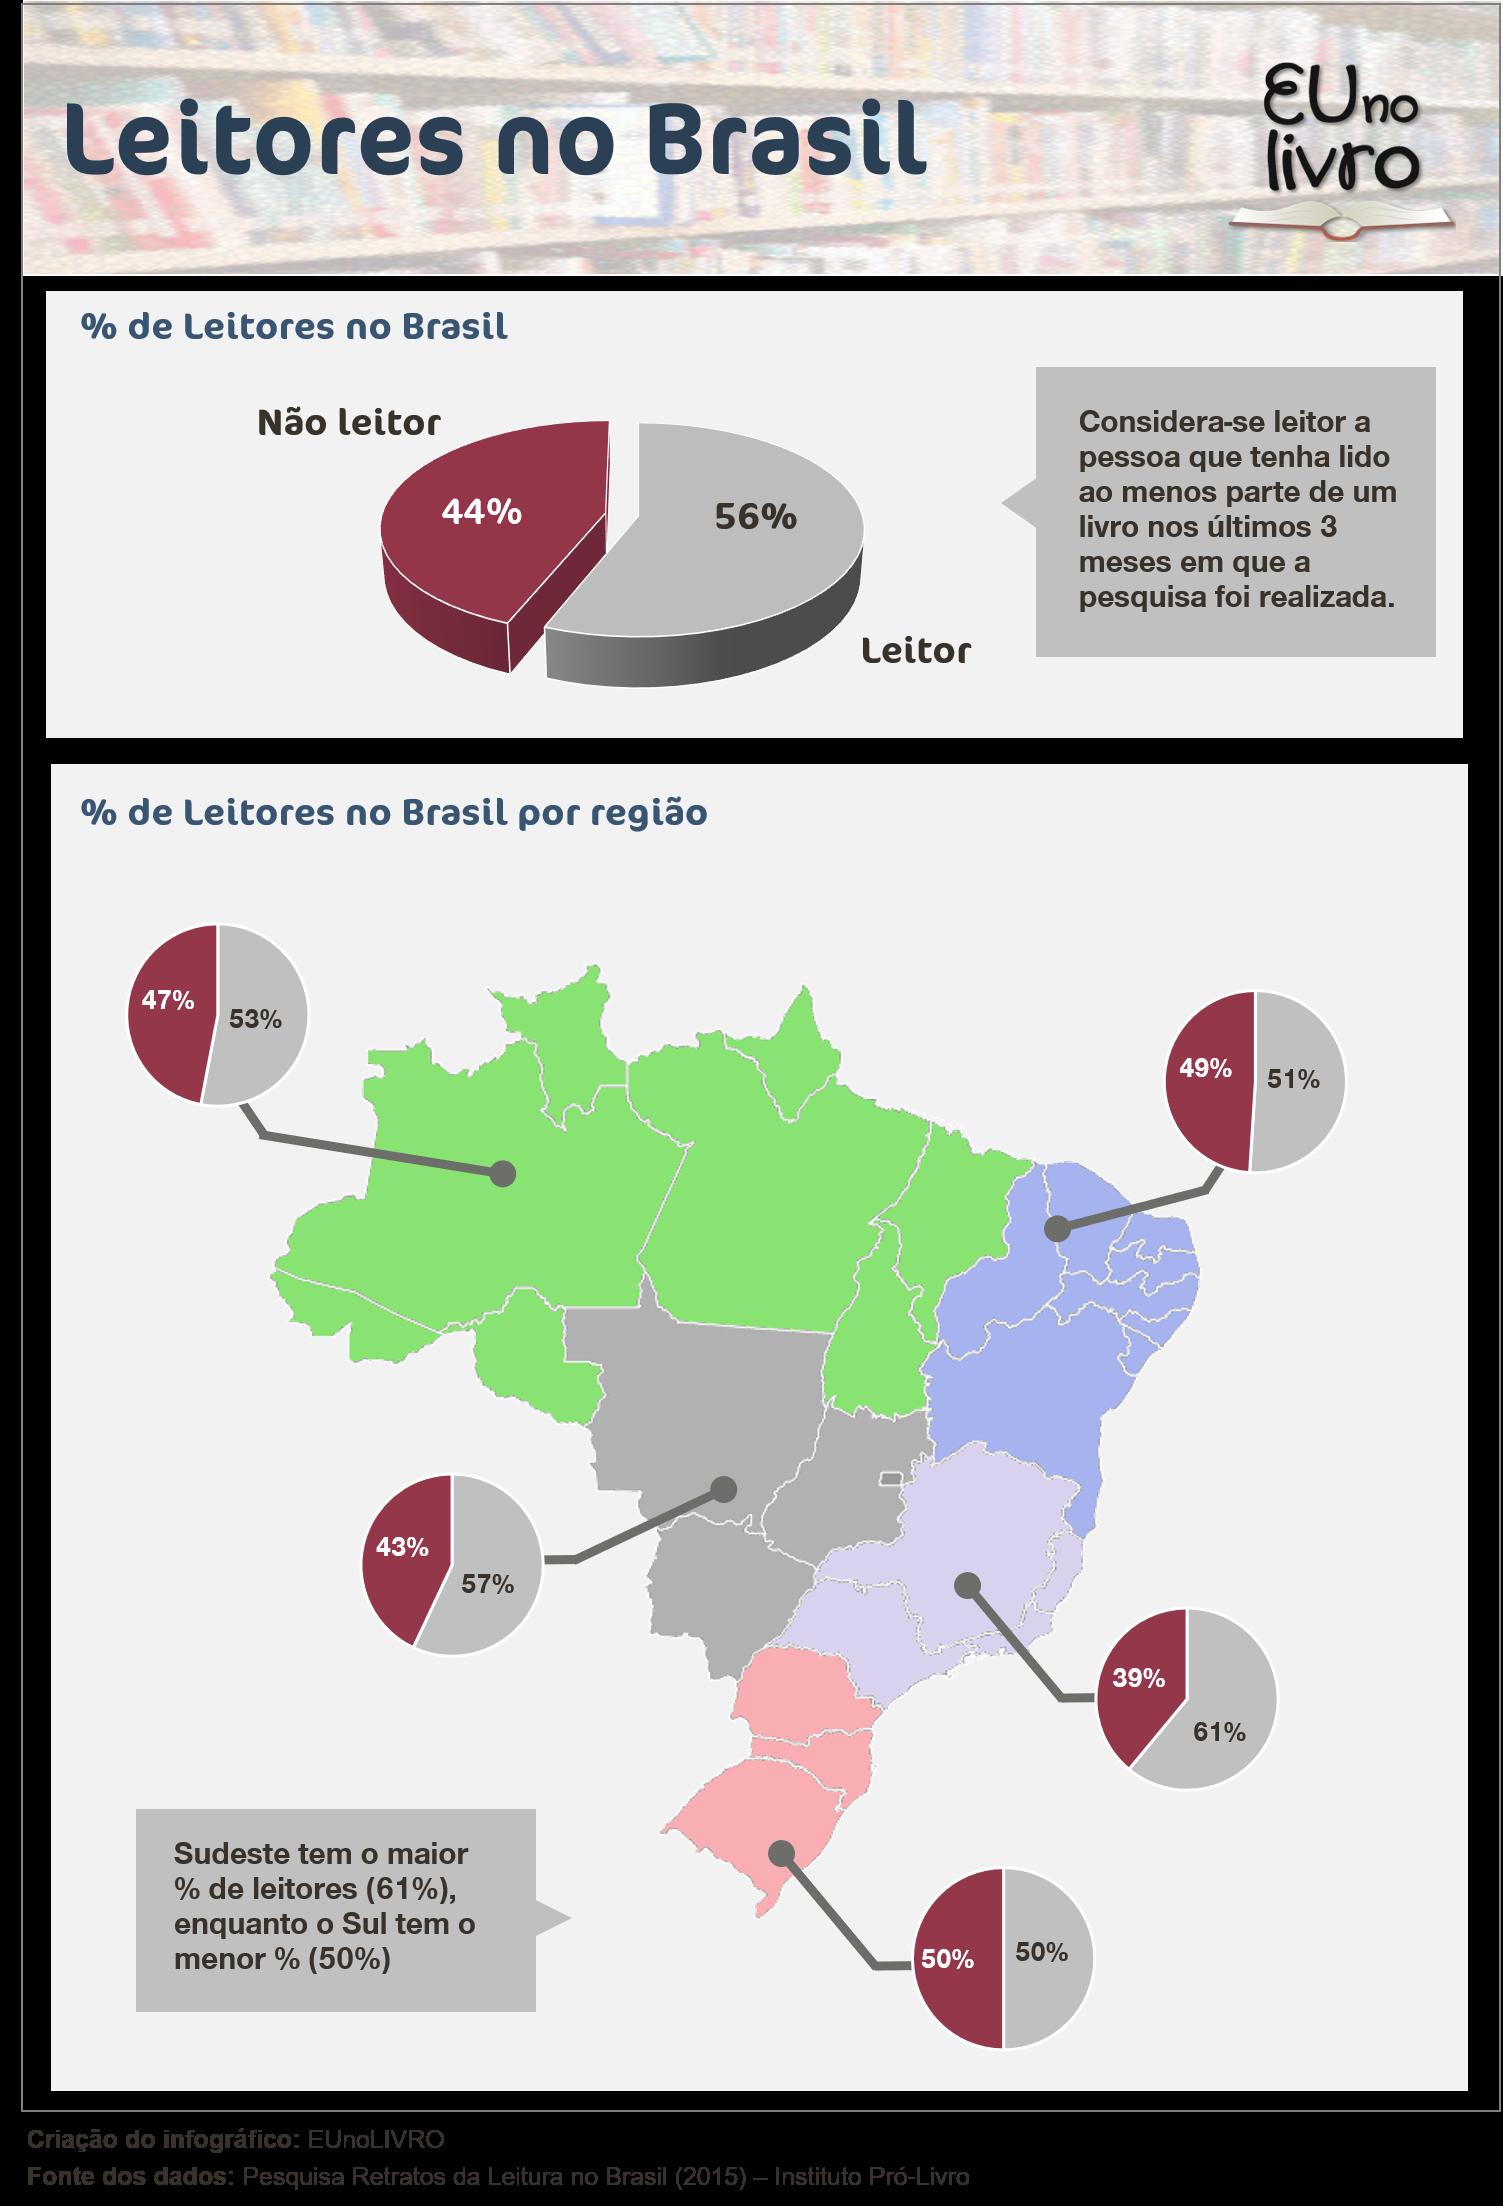 Percentual de leitores no Brasil